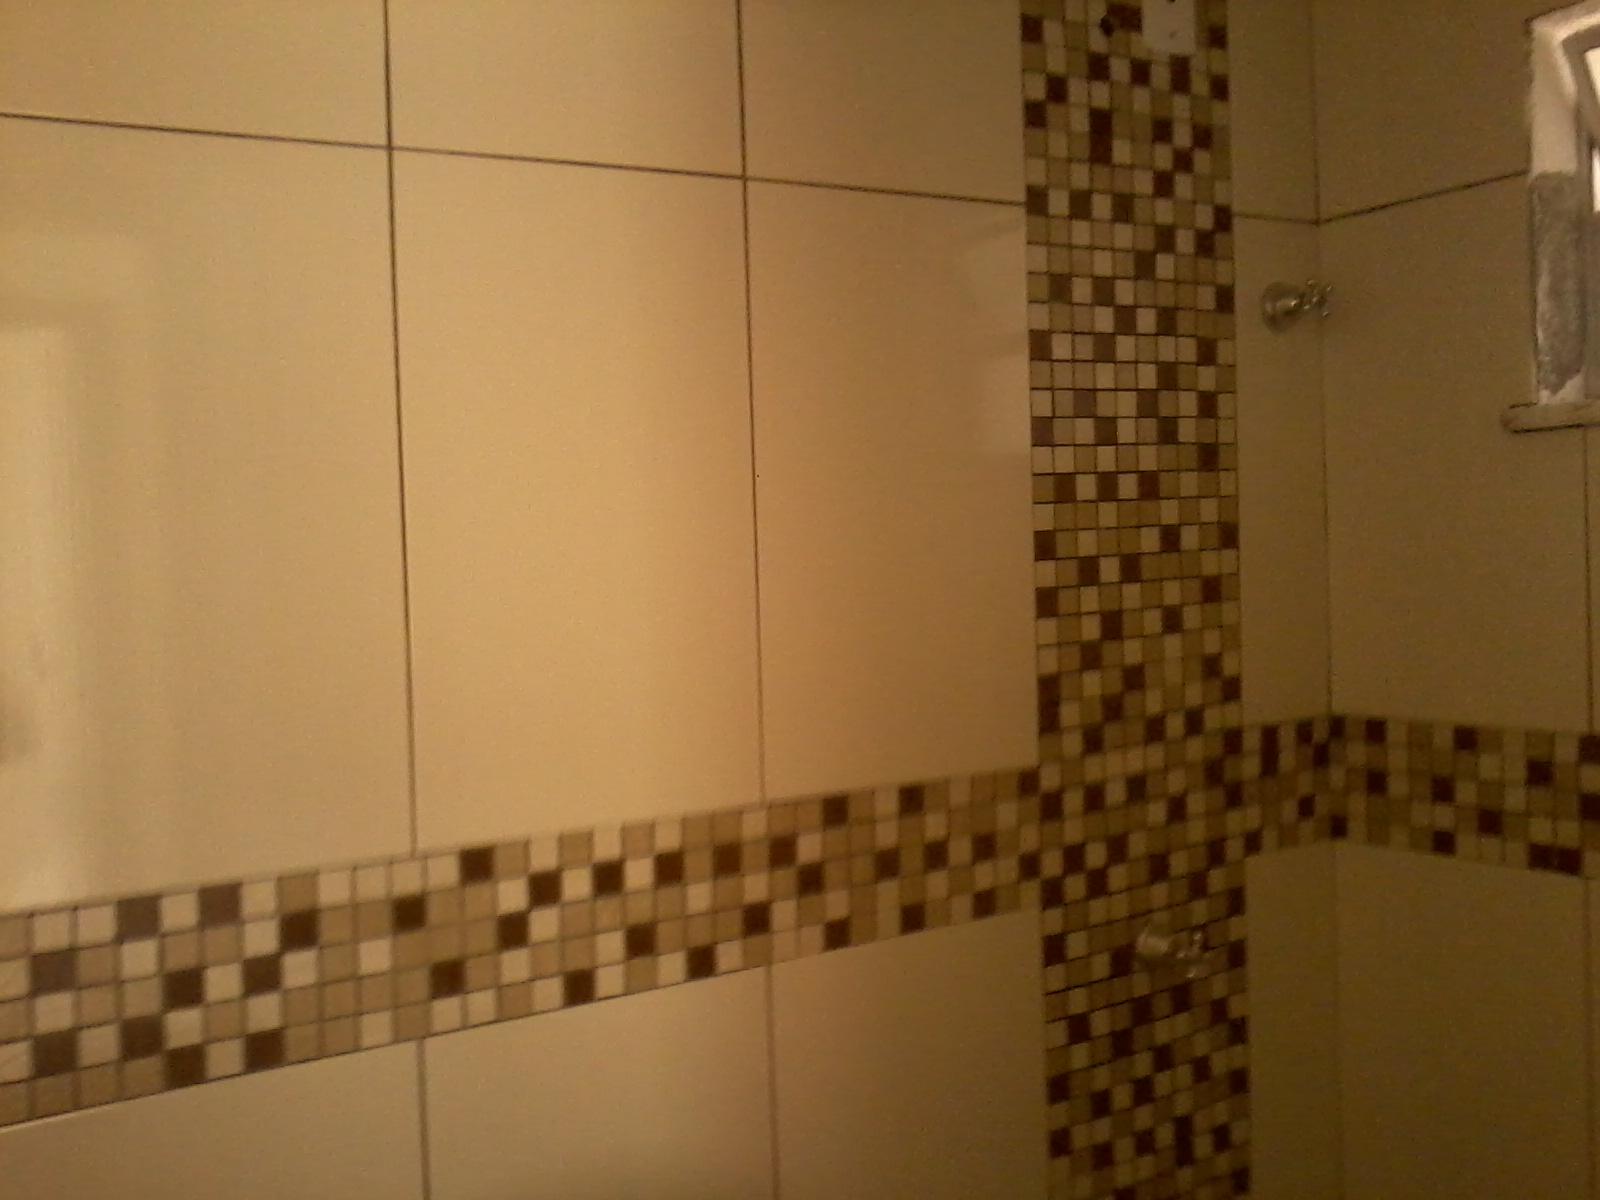 JESUS TÔ APAIXONADA POR MEU BANHEIRO falta rejunte colocação do  #C1780A 1600x1200 Banheiro Branco Com Pastilhas Verde